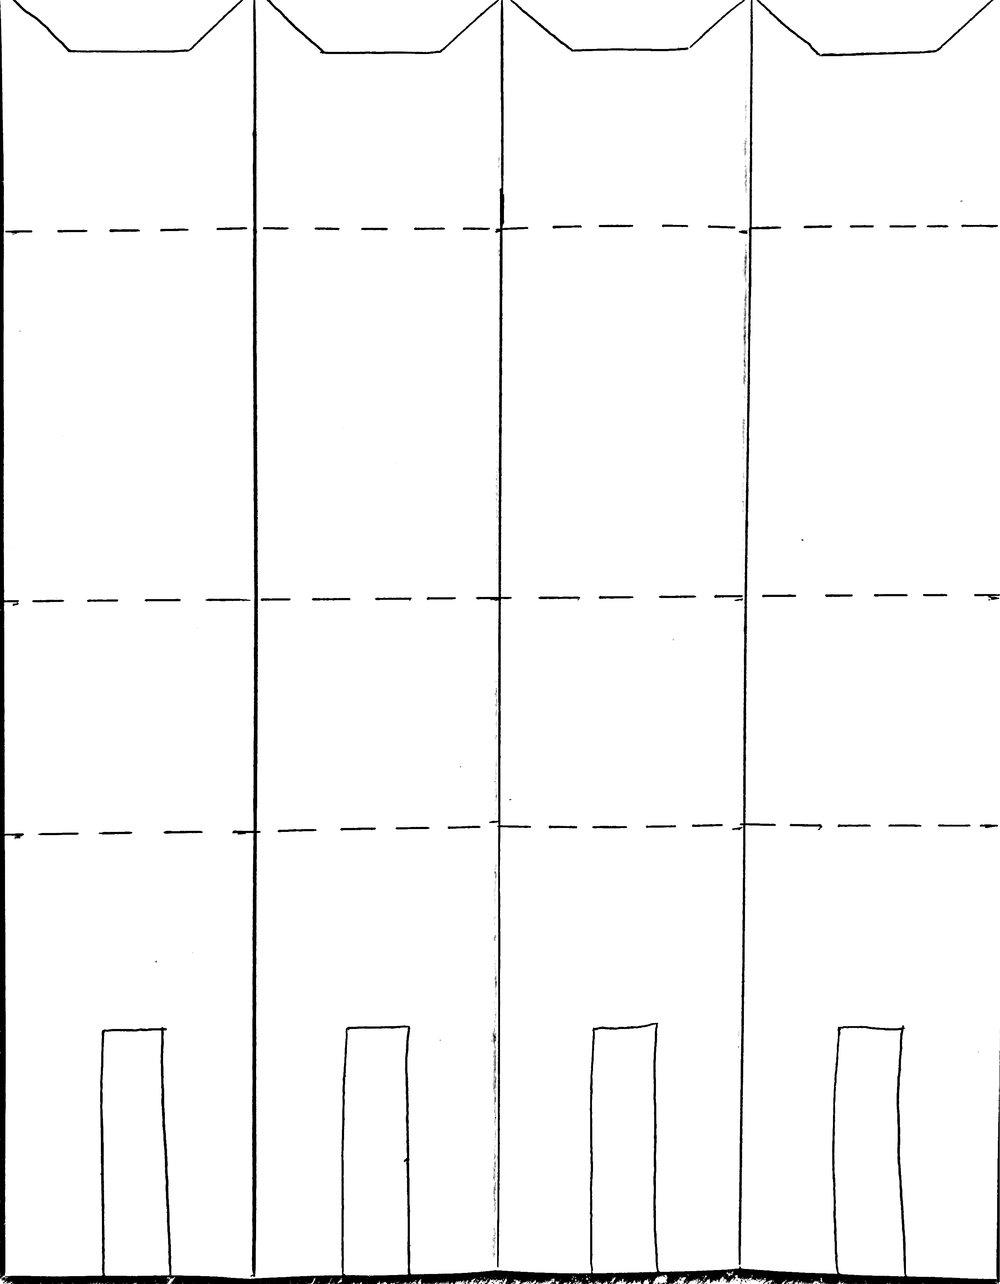 2BBFB161-93F1-47F6-A64E-8FA0CD2A2F0E.jpg